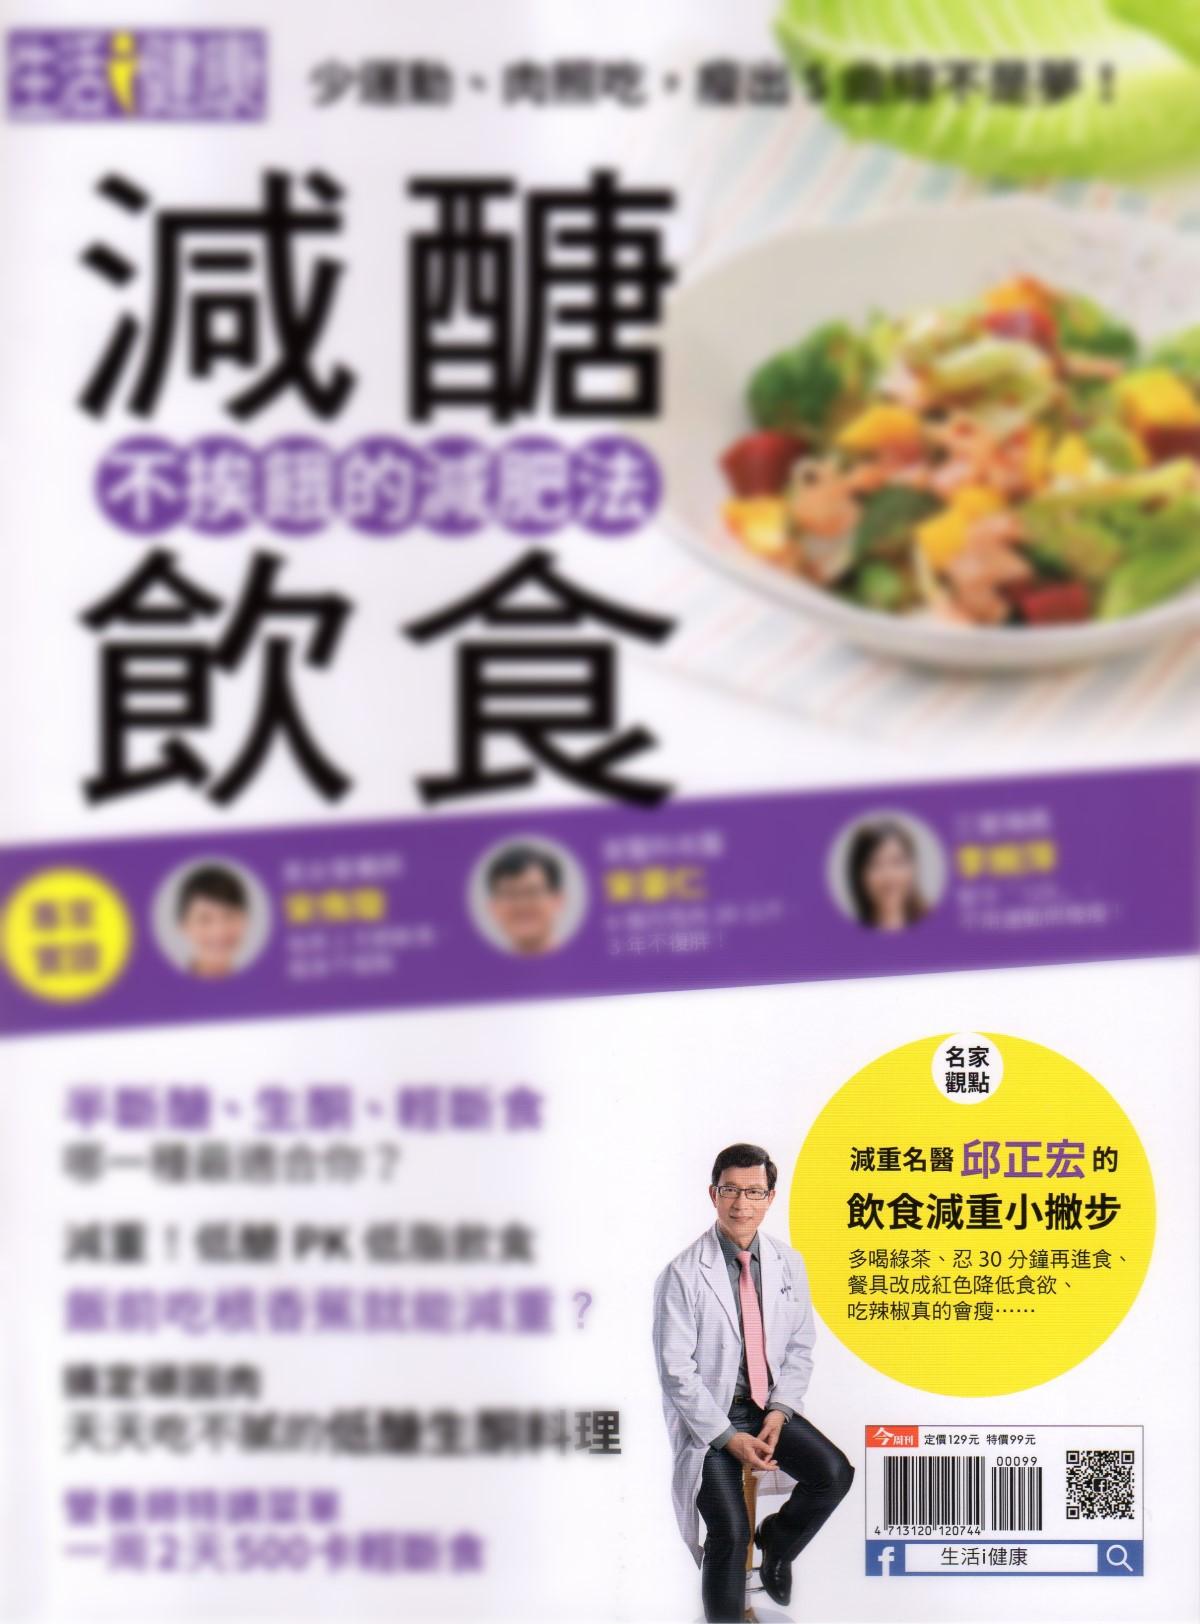 今周刊「減糖飲食」出專刊